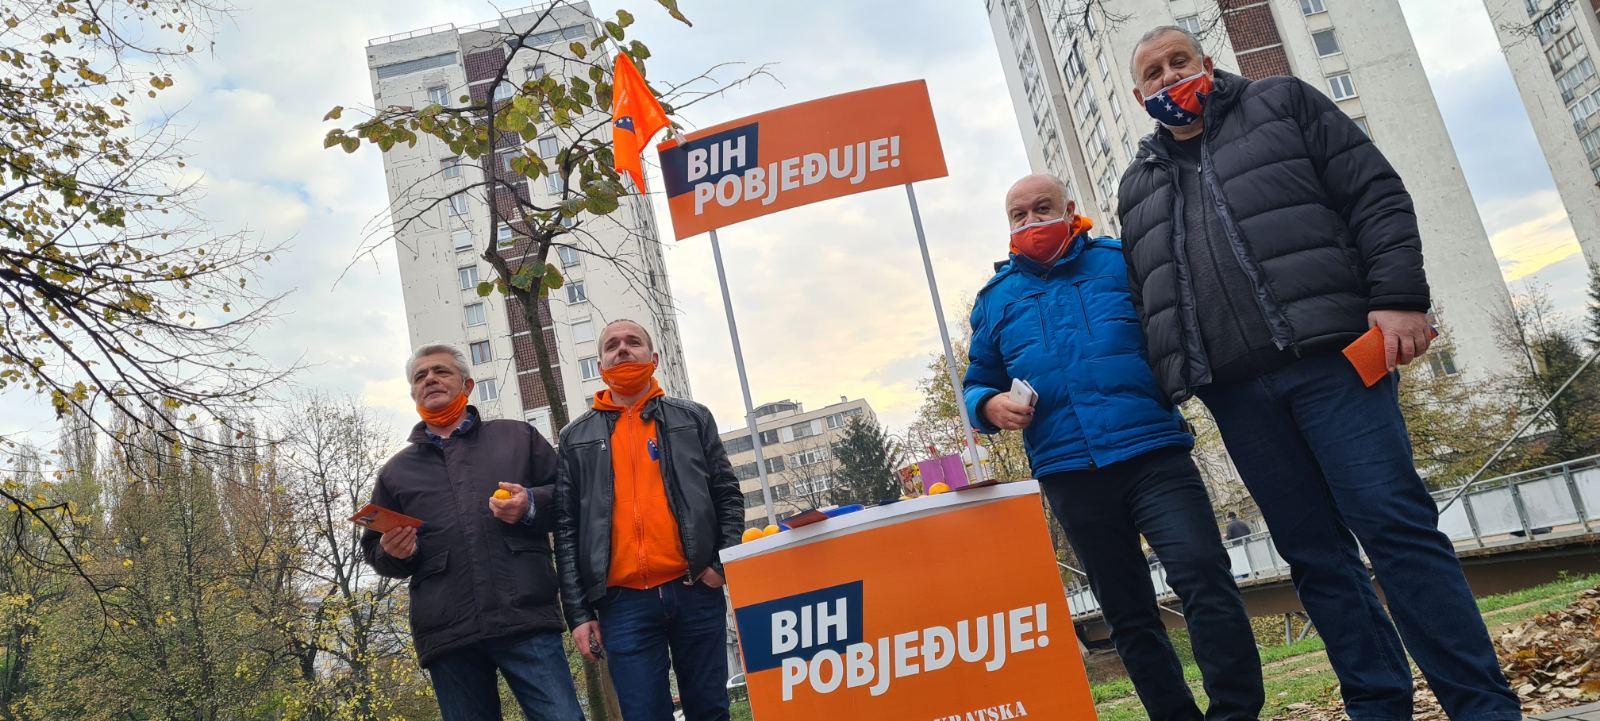 Danas kod mosta Ars Aevi, sutra šetnja kandidatkinja i kandidata općinom Novo Sarajevo